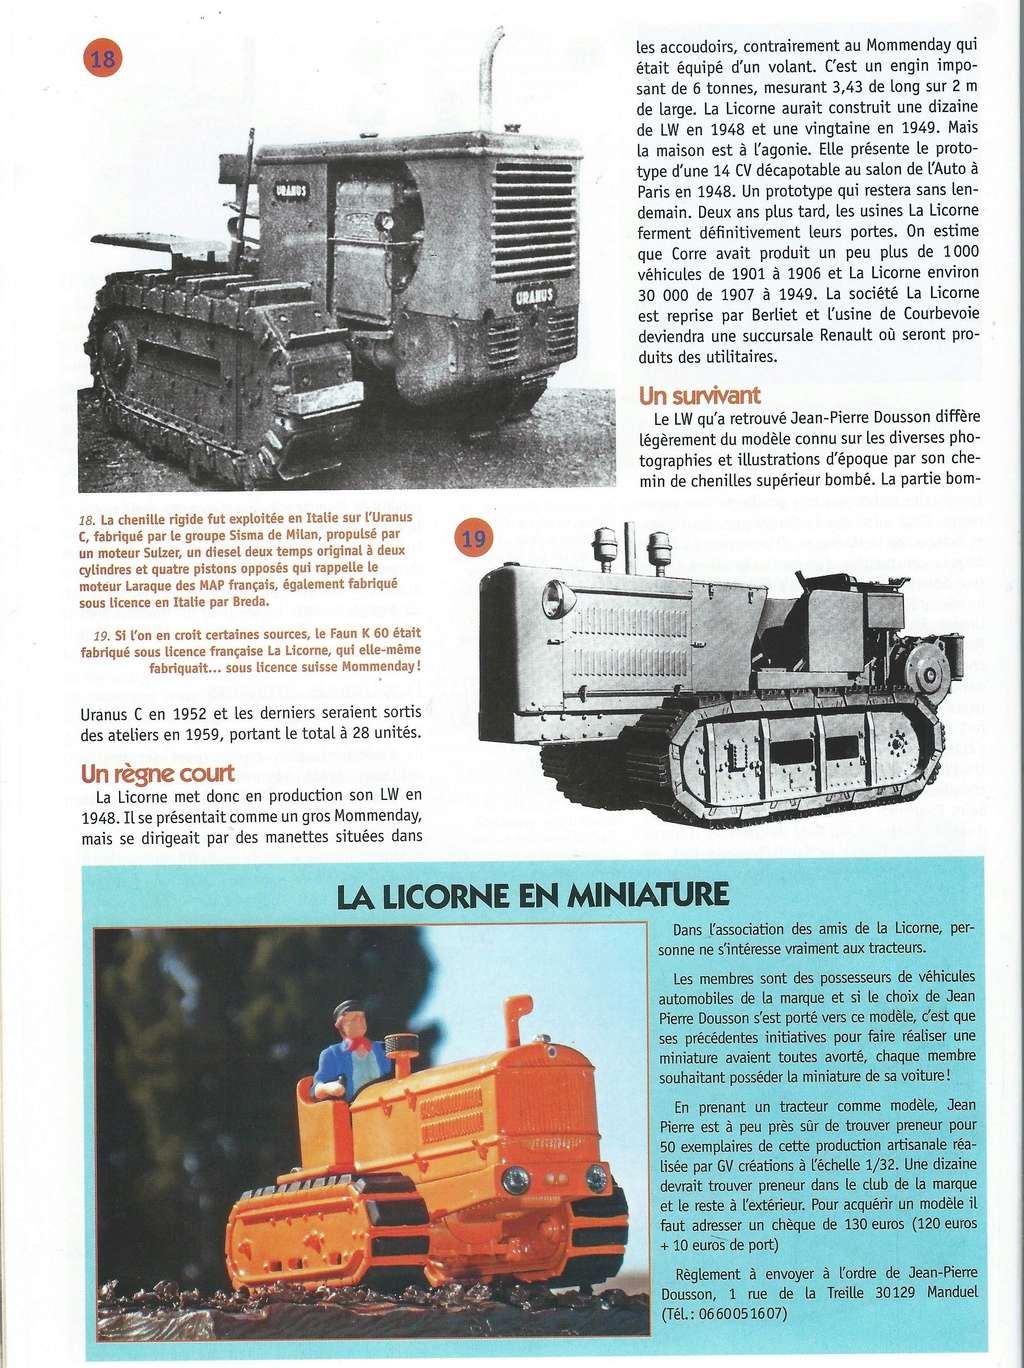 La presse spécialisée a causé du LW de LA LICORNE Tracte15